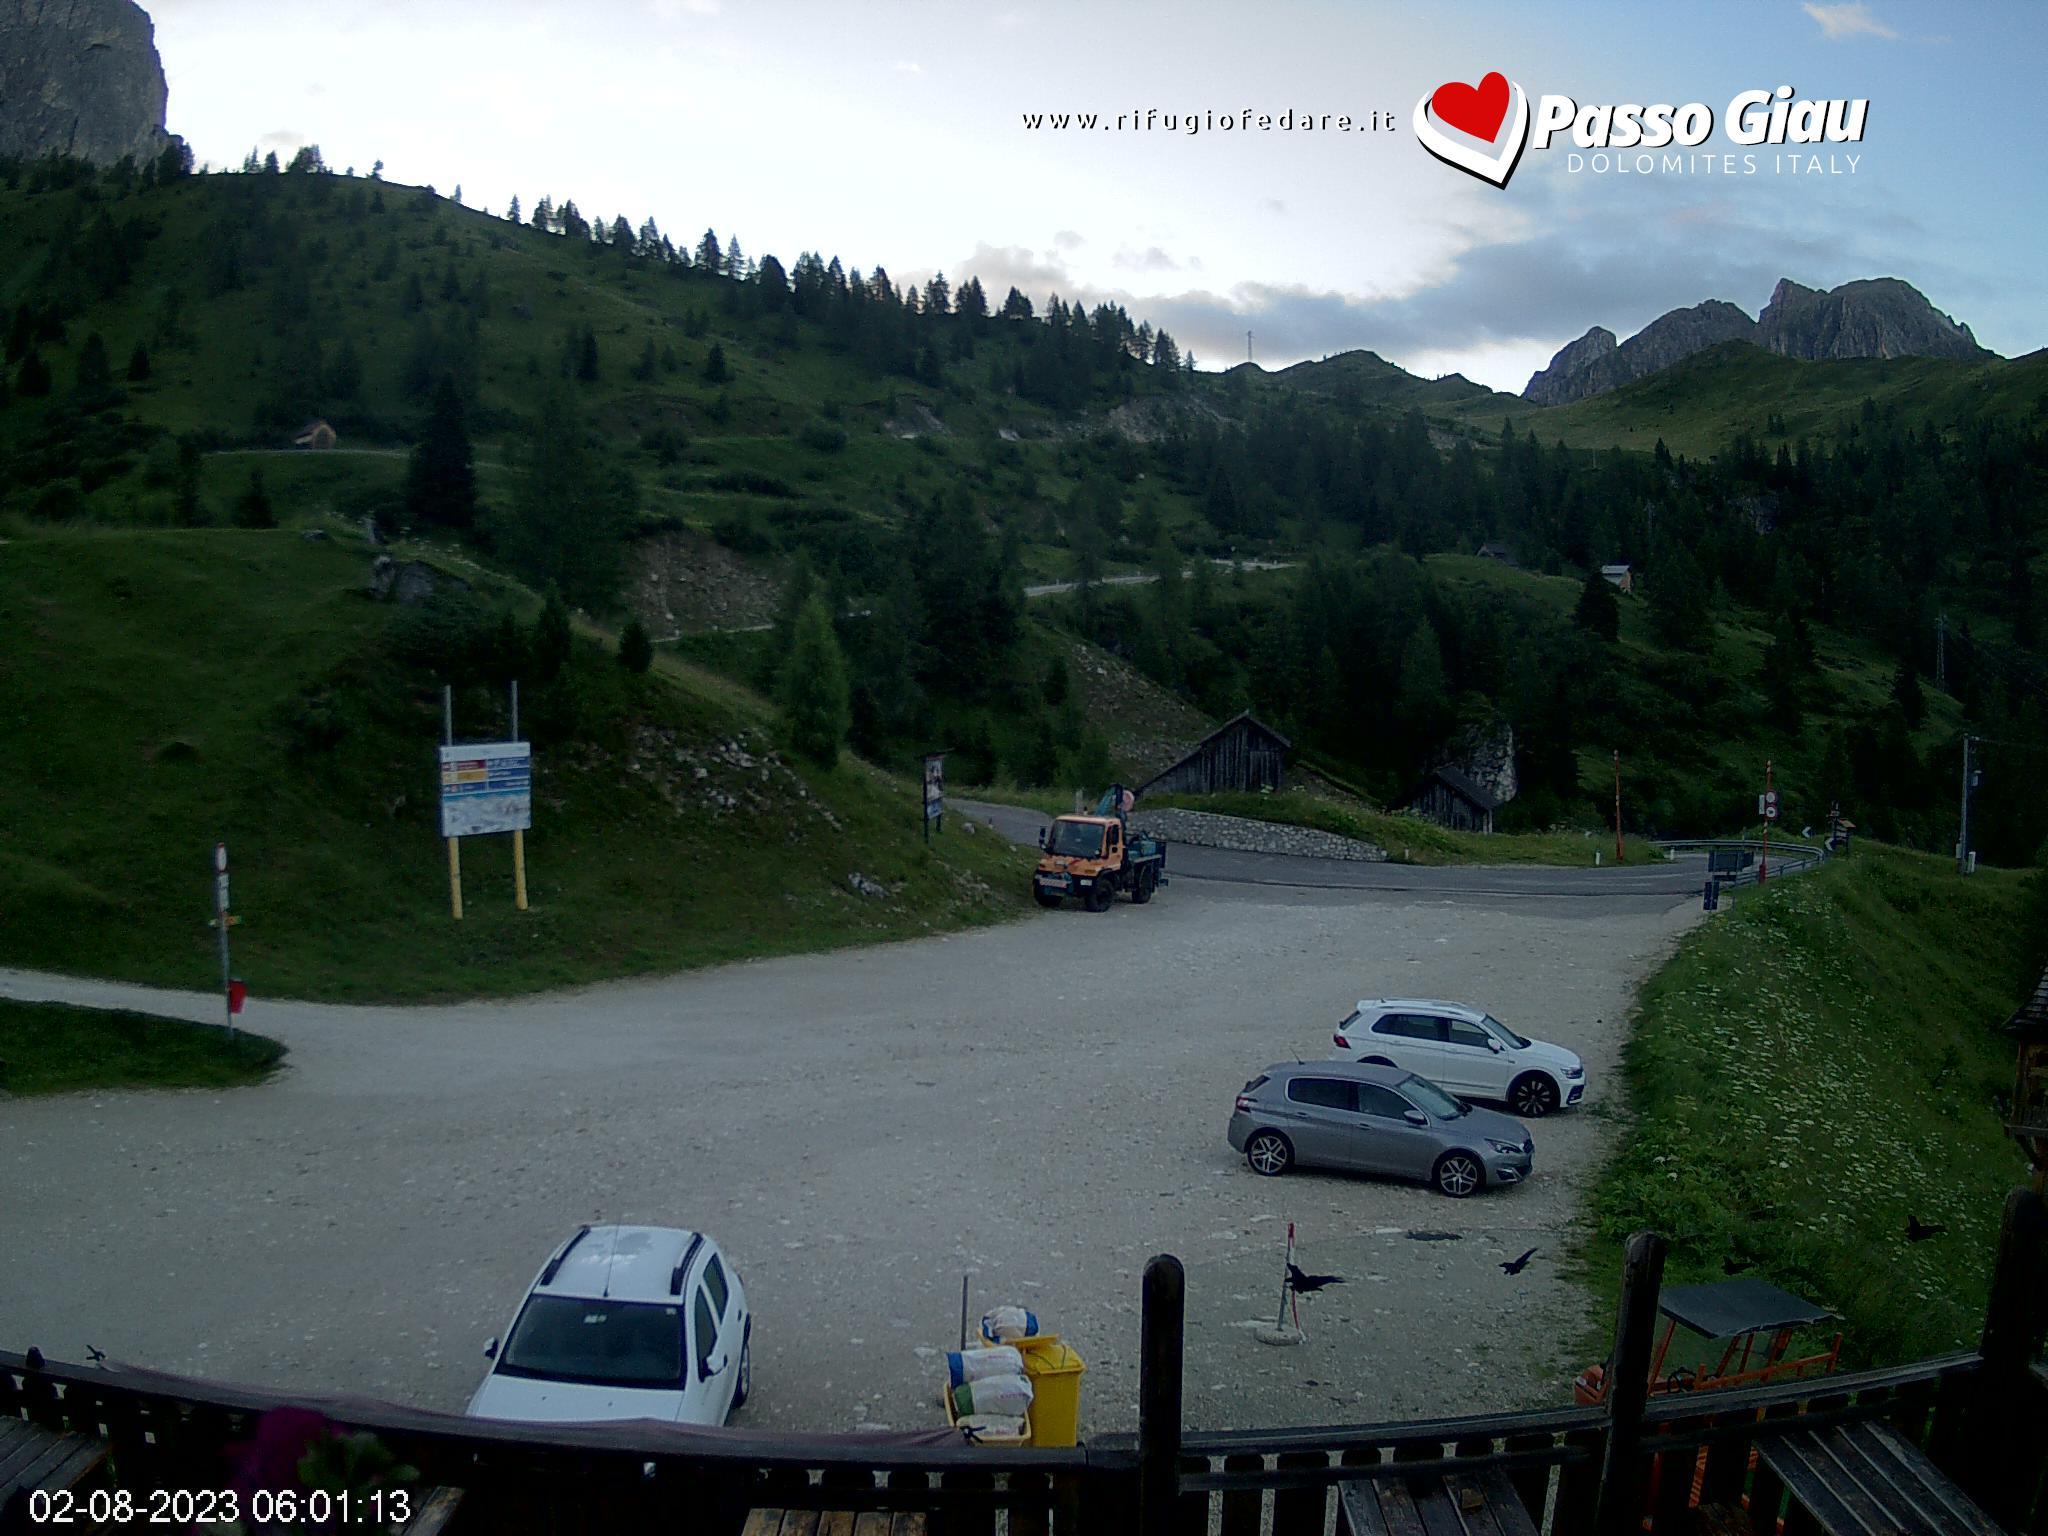 Mount Civetta from Mountain Hut Rifugio Fedare